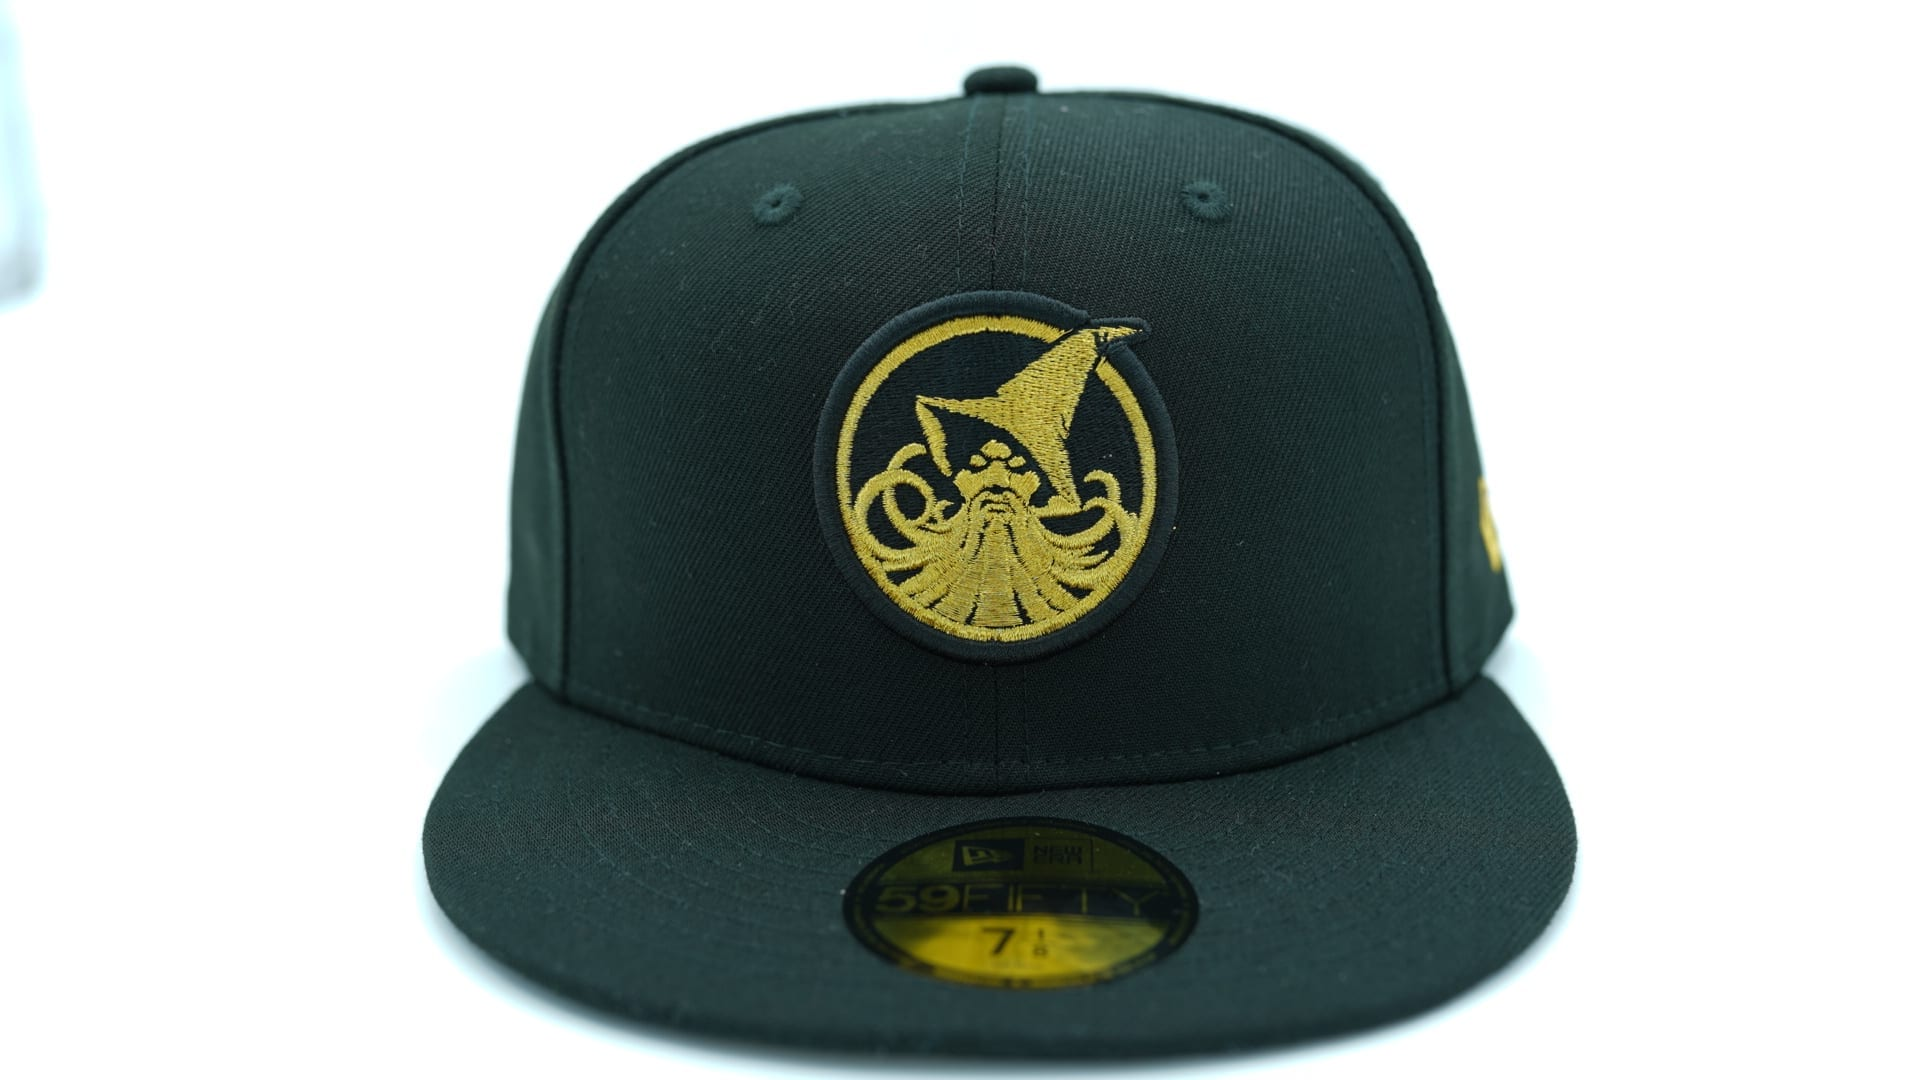 ... usa carhartt x new erabrace59fifty fitted baseball cap 5d42f e04c4 ... 0c1d667fcdac